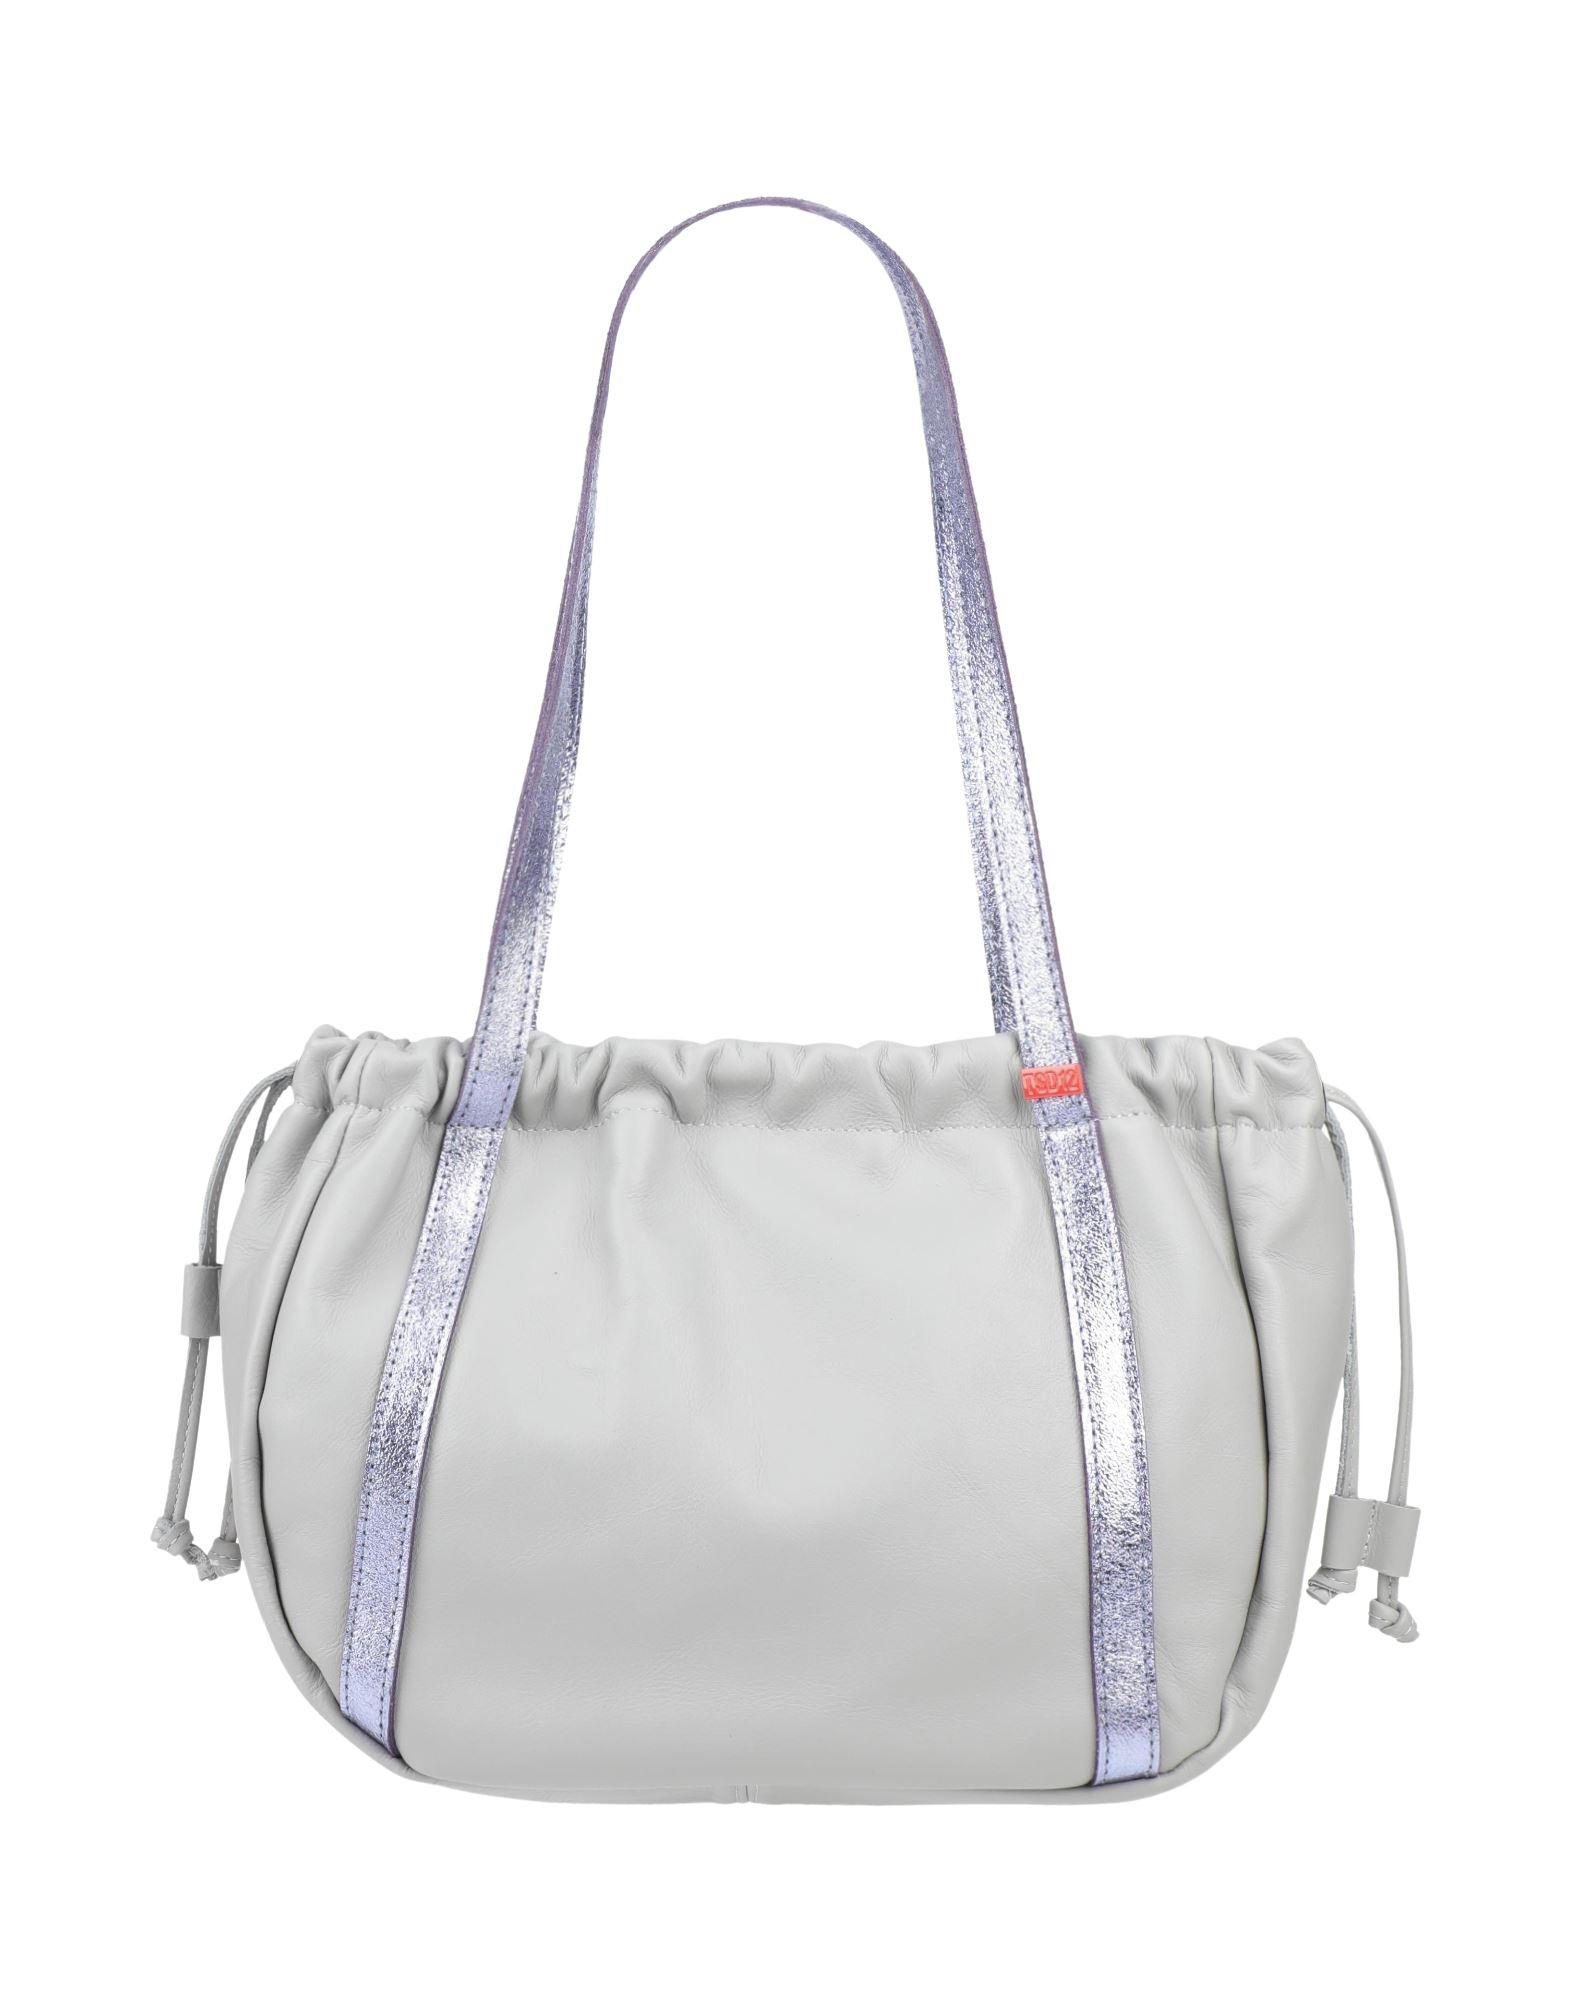 TSD12 Shoulder bags - Item 45556535